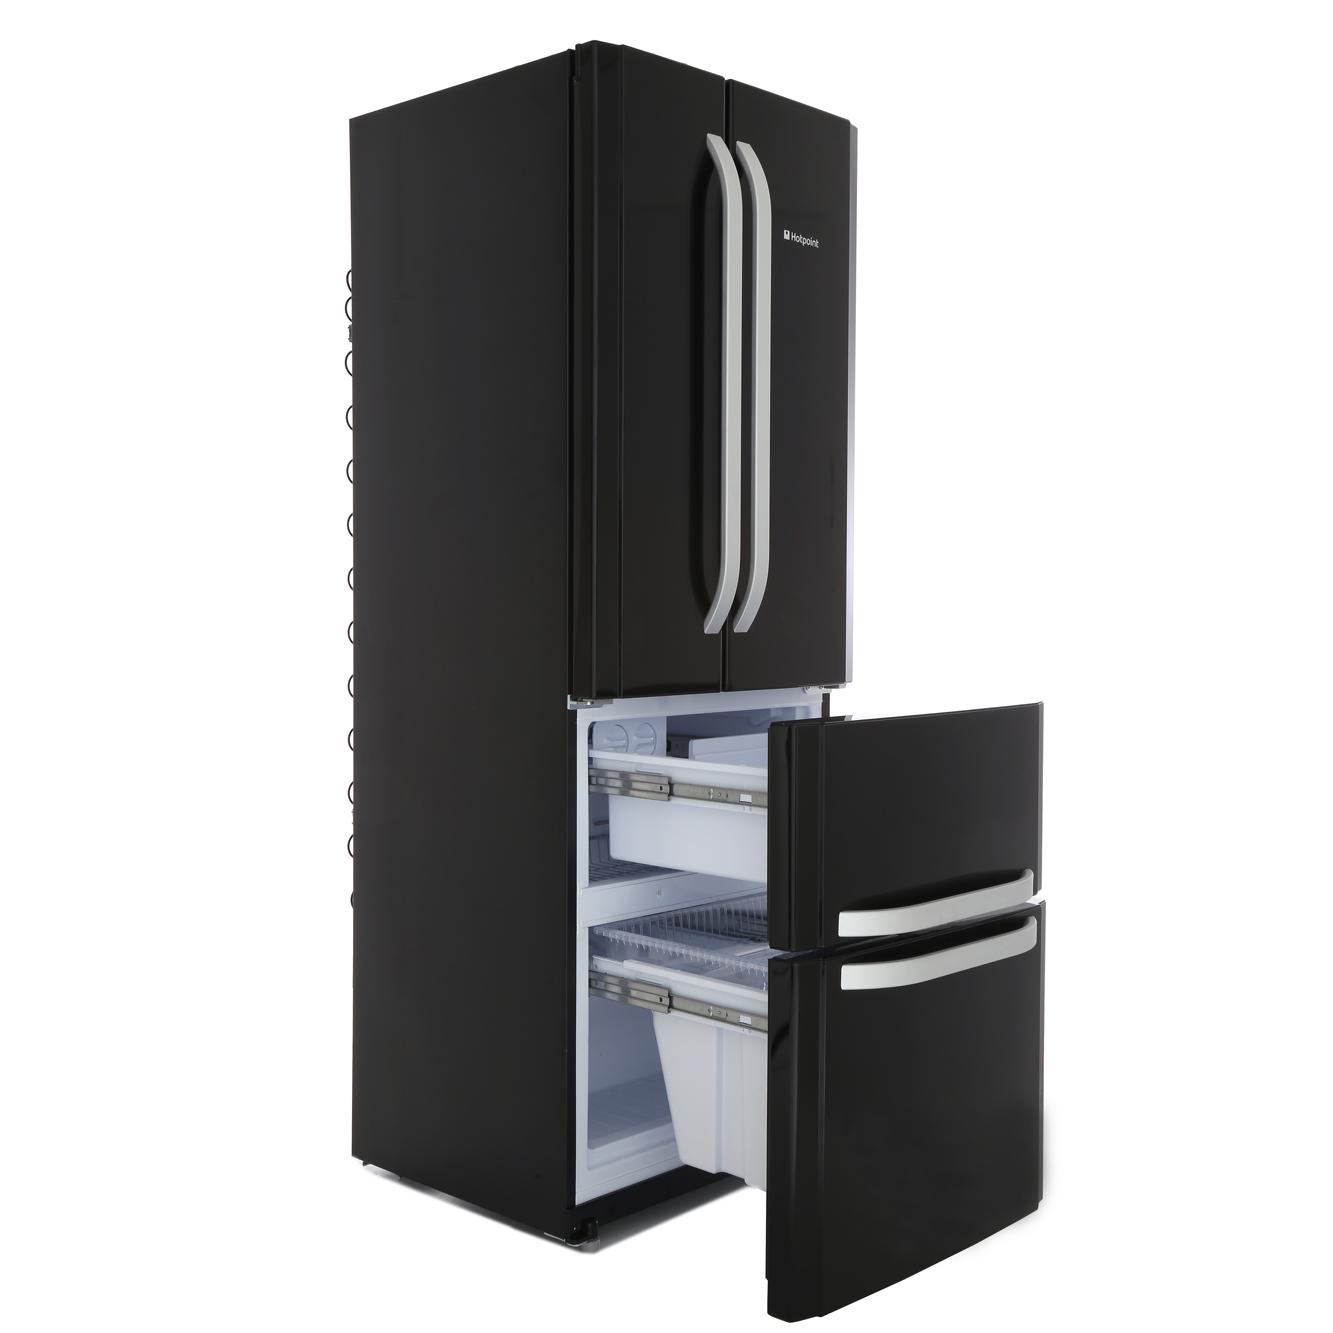 Hotpoint quadrio ffu4dk american refrigeration buy online ffu4dk